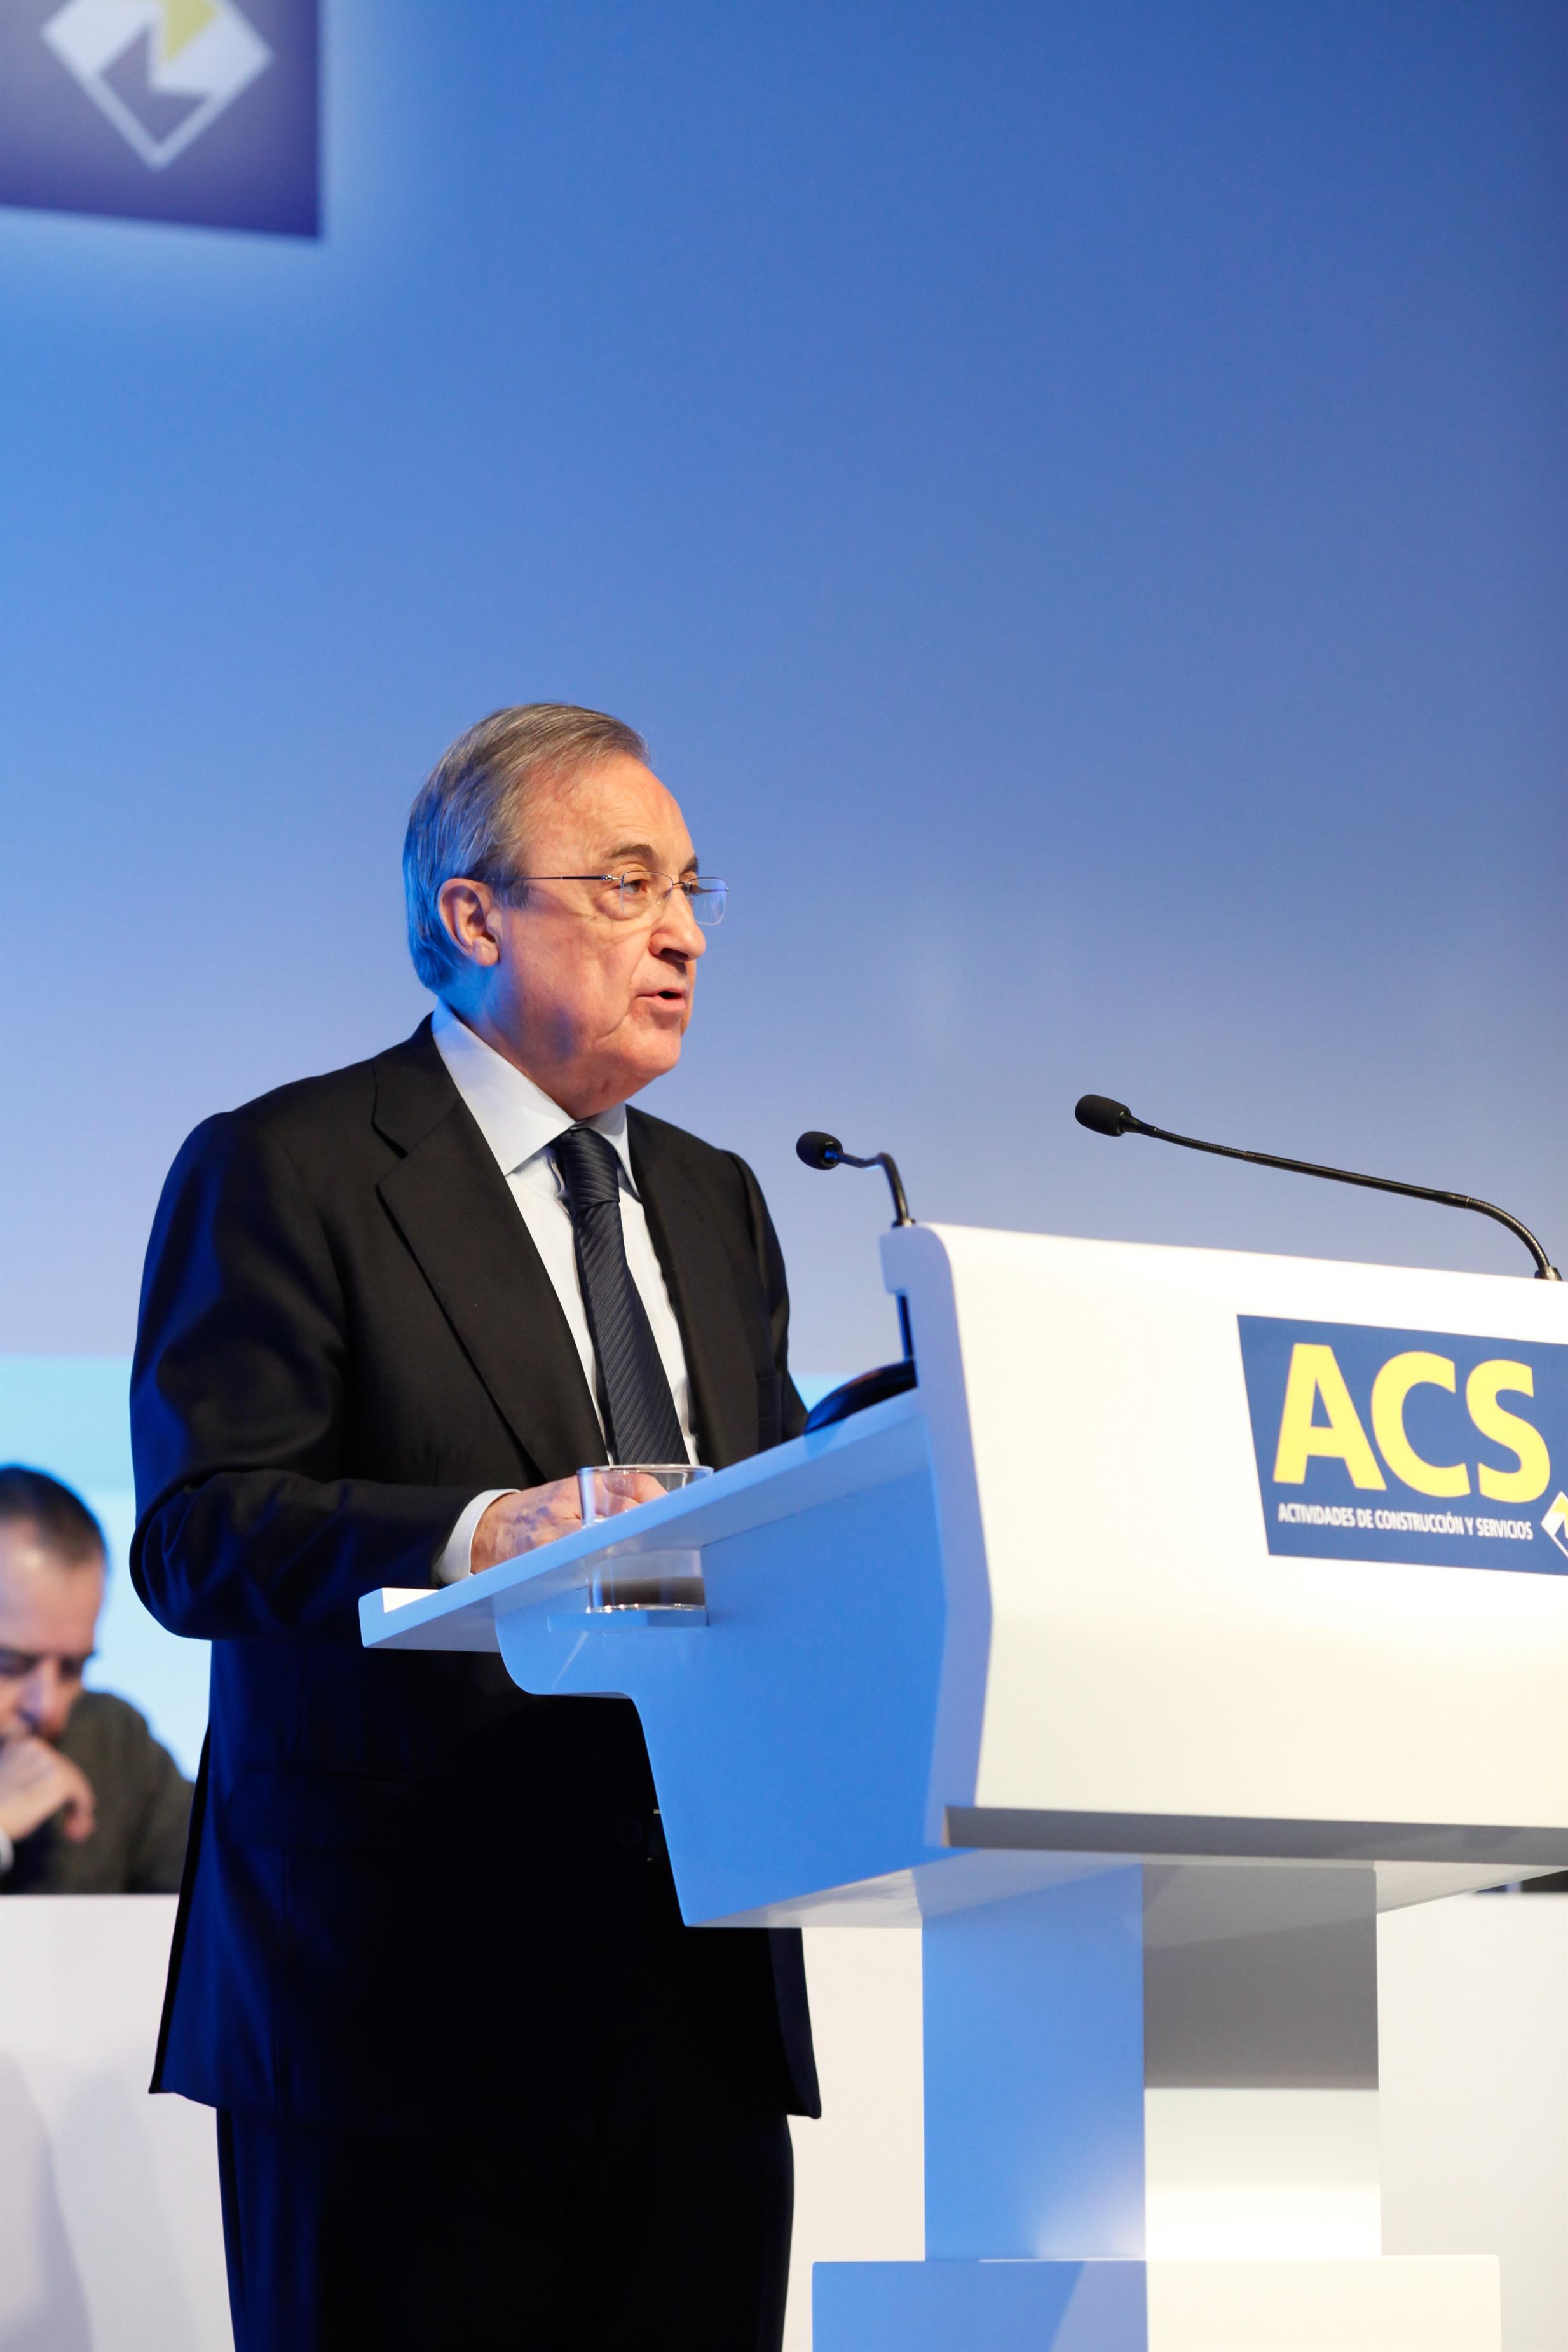 ACS compra a GIP el 49% de Bow Power por 85 millones y alcanza el 100%